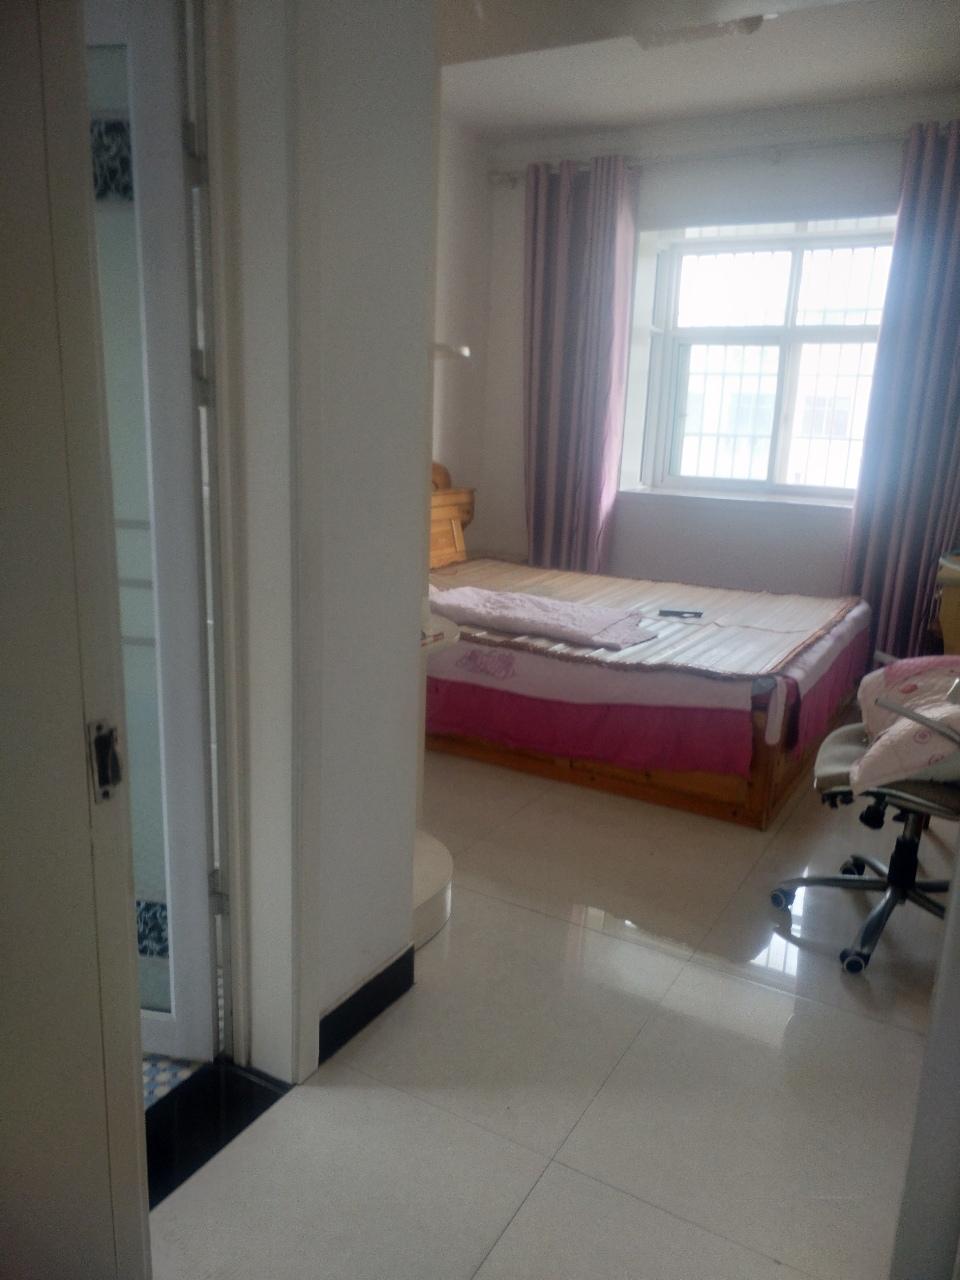 瑞通嘉园3楼124平米58万3室2厅 2卫58万元